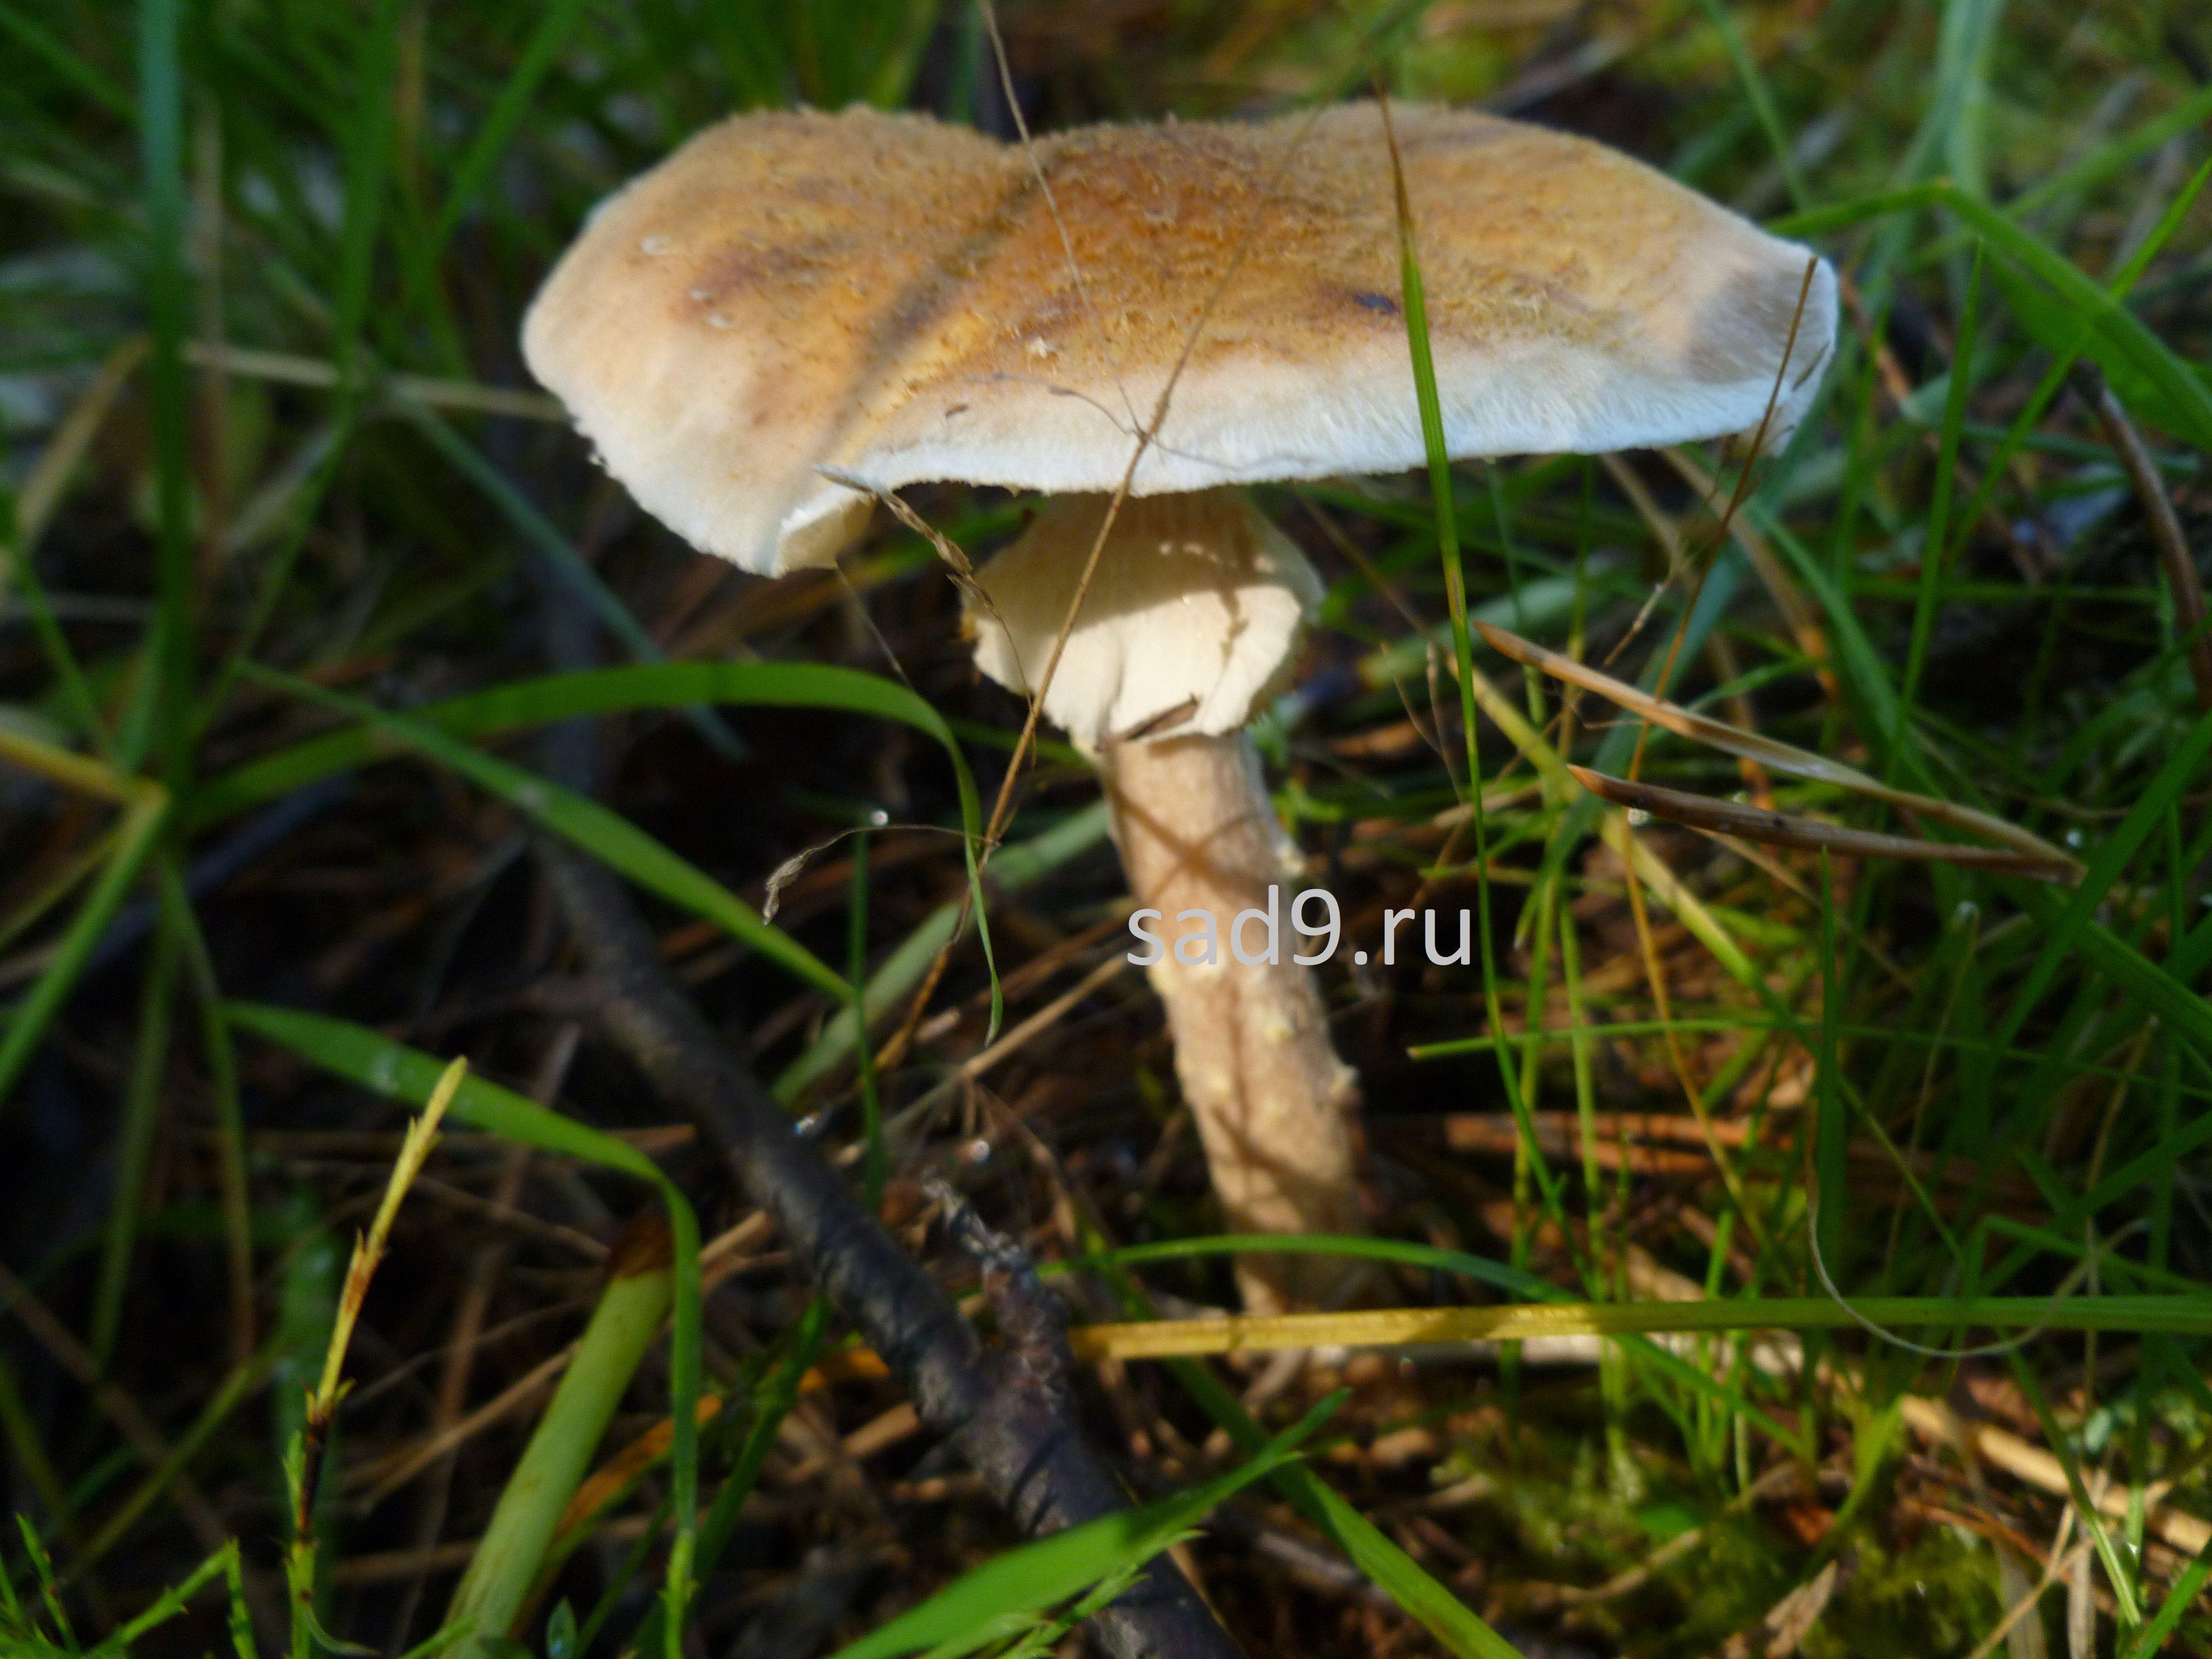 Какие съедобные грибы - опята